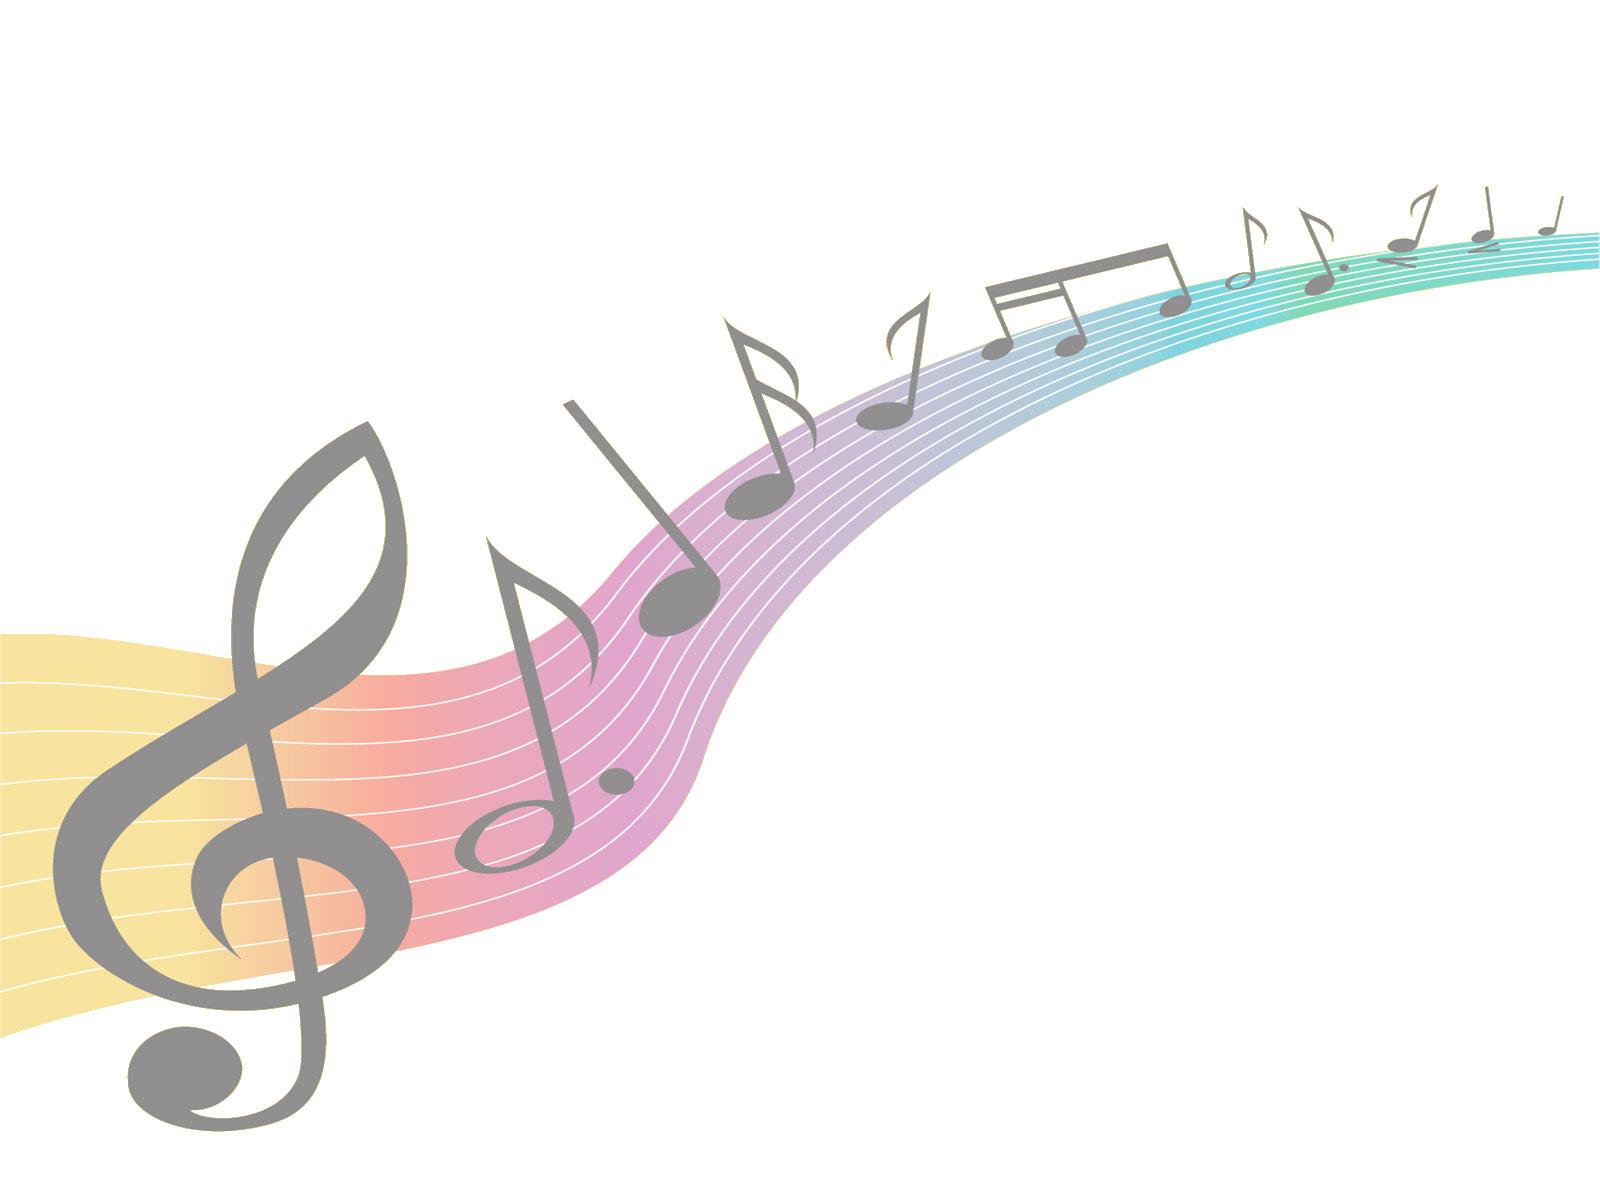 音符イラスト「虹色の楽譜」- 無料のフリー素材